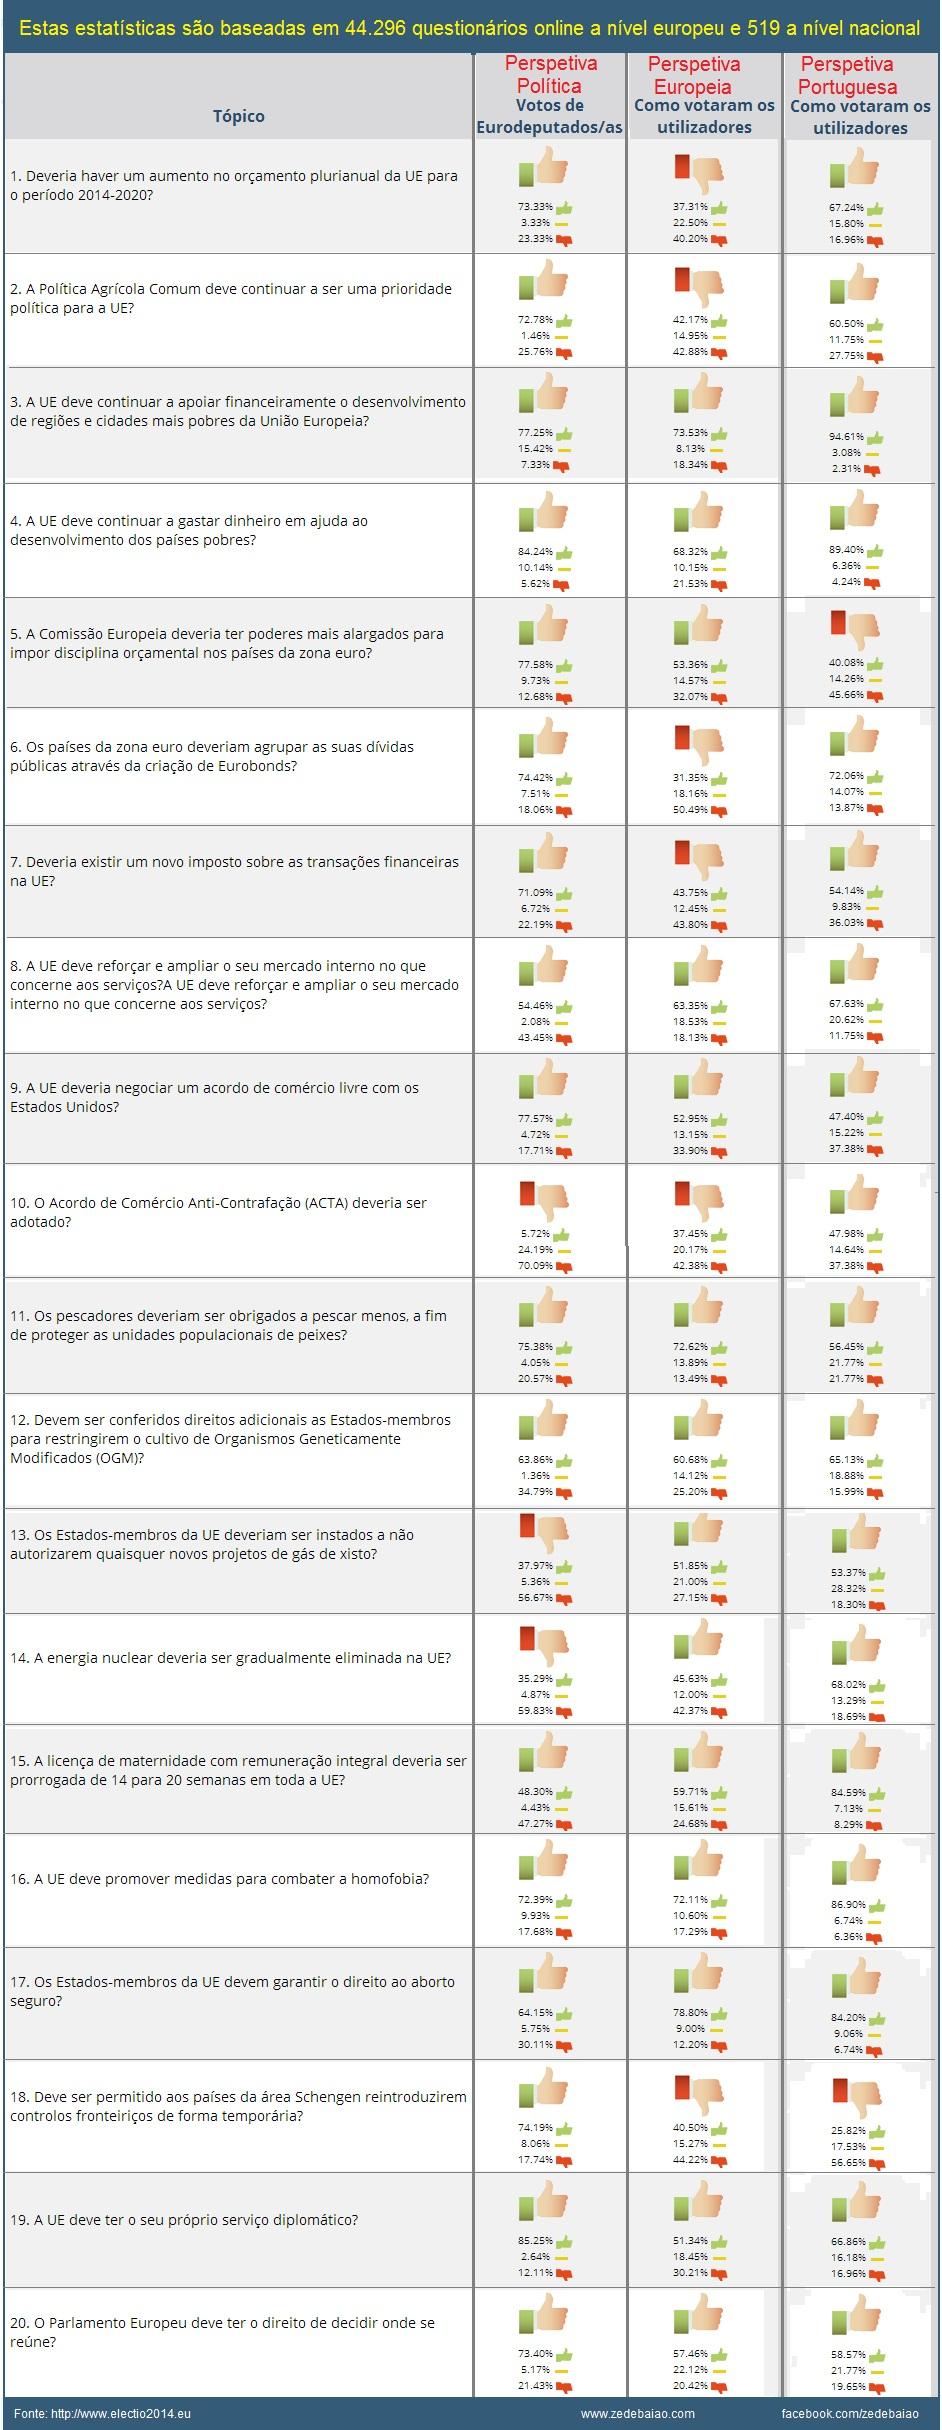 posicionamento político eurodeputados e cidadãos europeus e portugueses